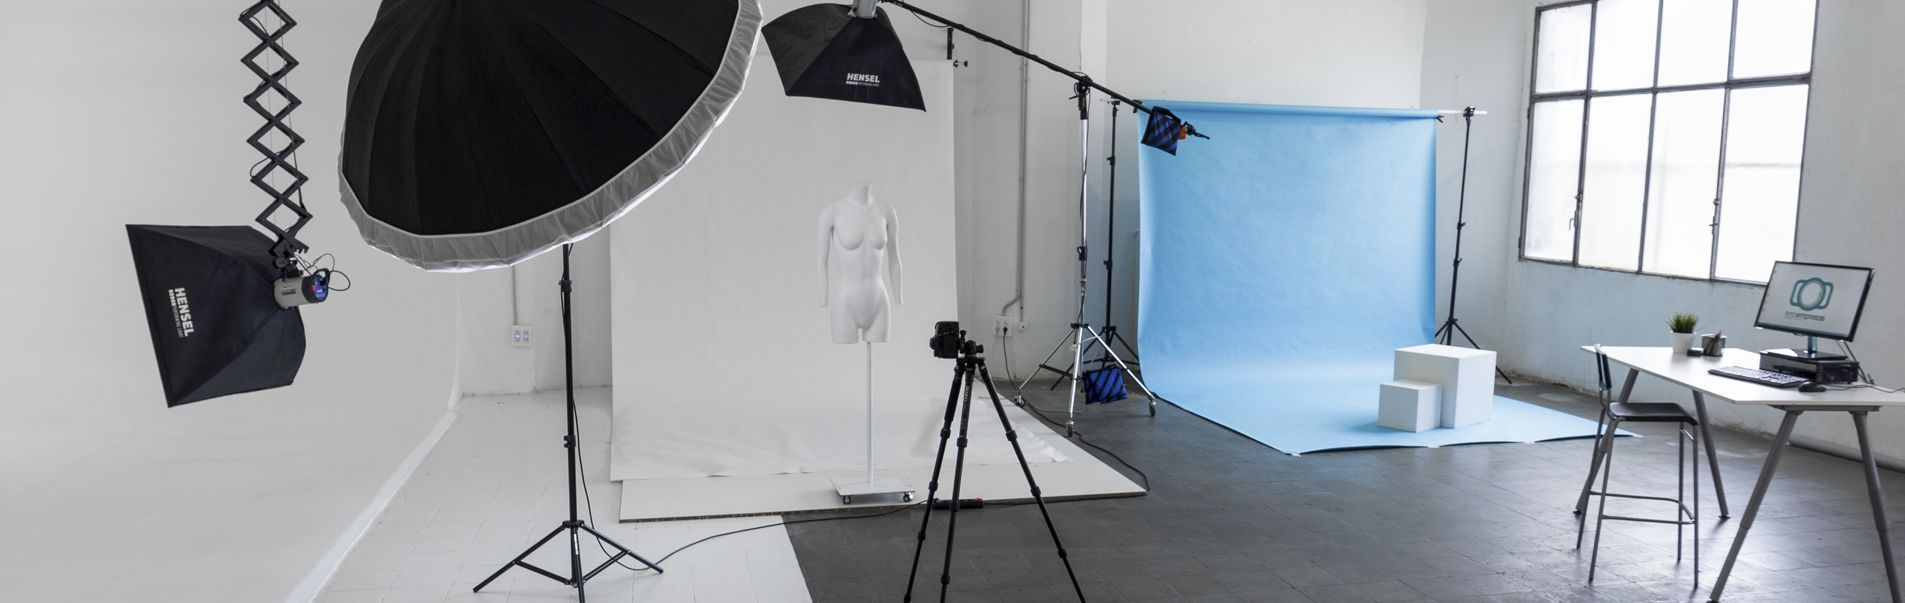 4 platós para fotografía con modelos y ghost mannequin